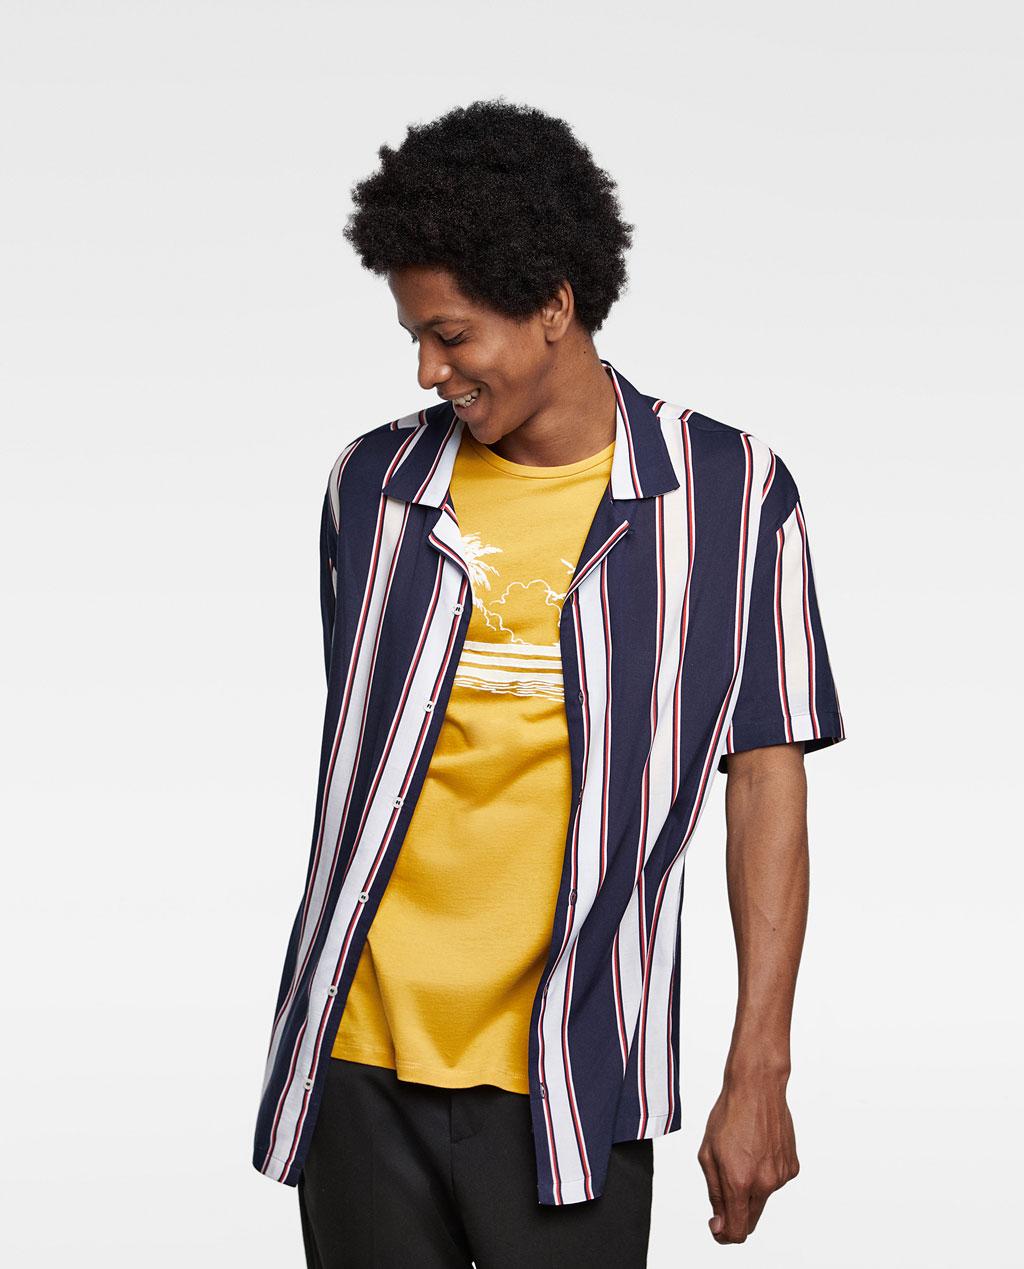 Thời trang nam Zara  24004 - ảnh 4